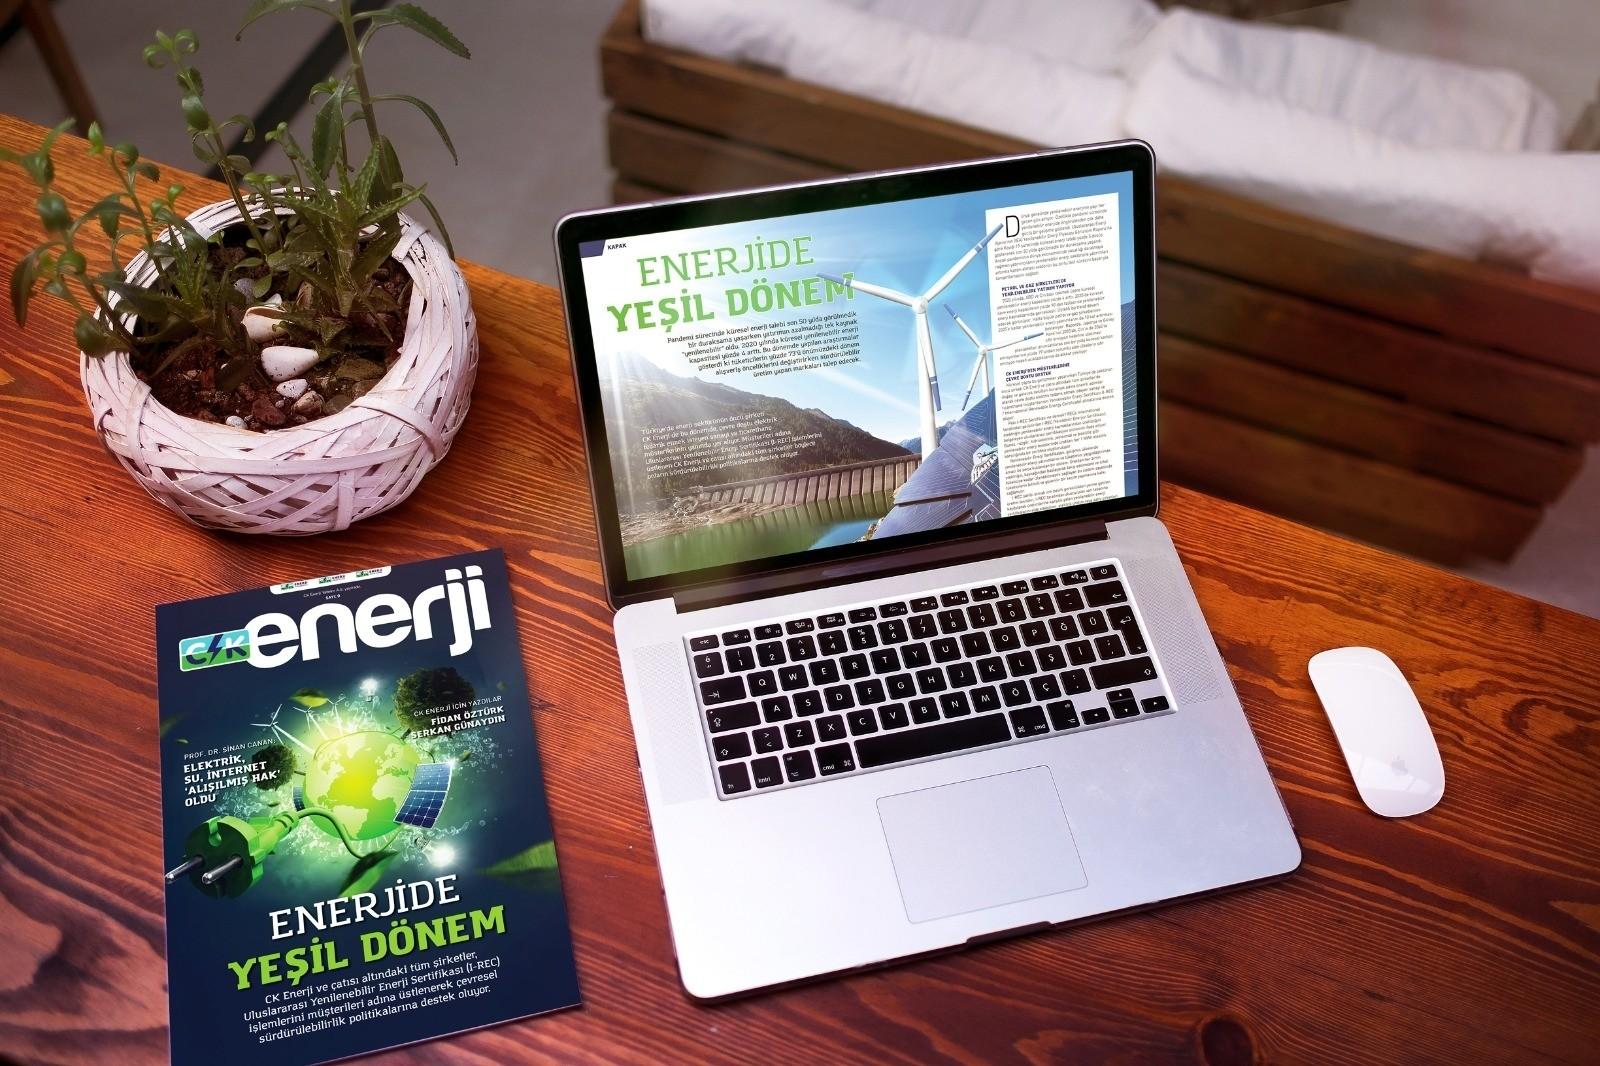 Elektrikte yatırım ve yeşil enerji dönemi